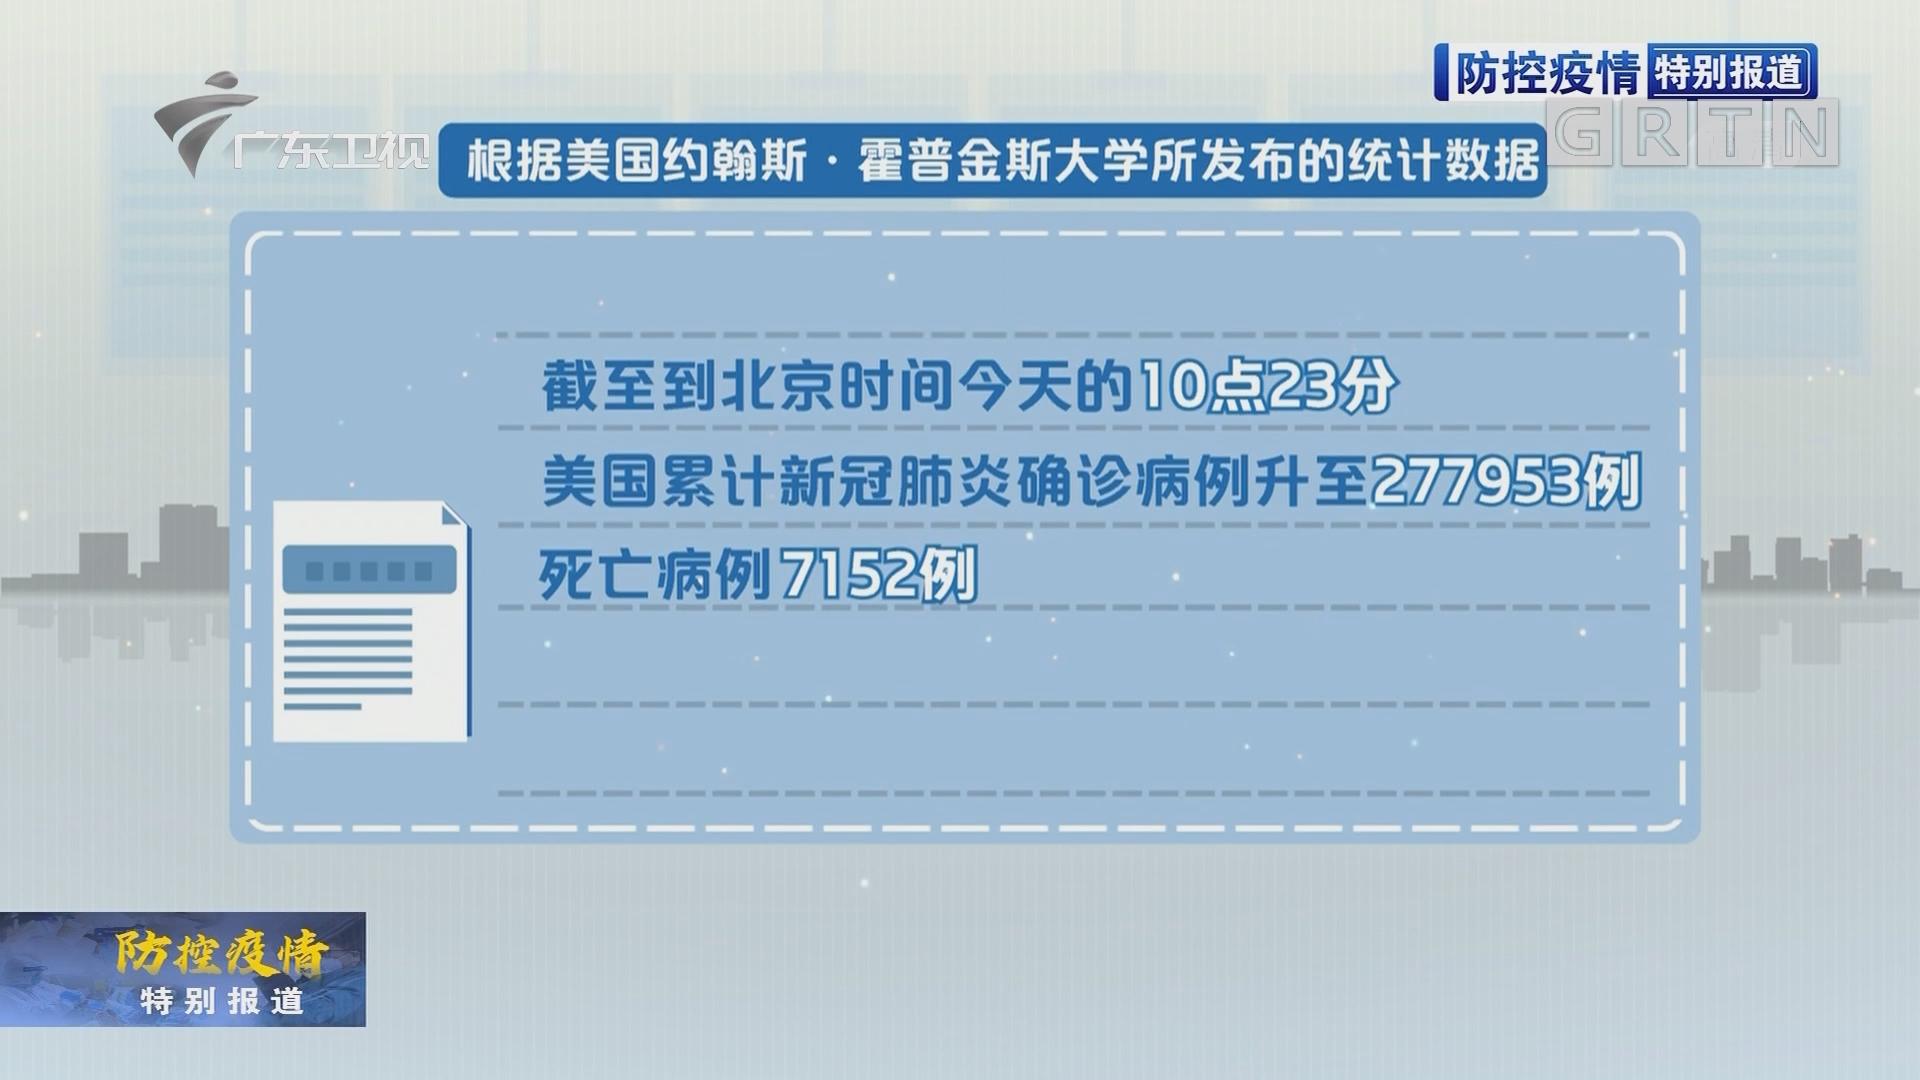 海外新冠肺炎疫情最新数据